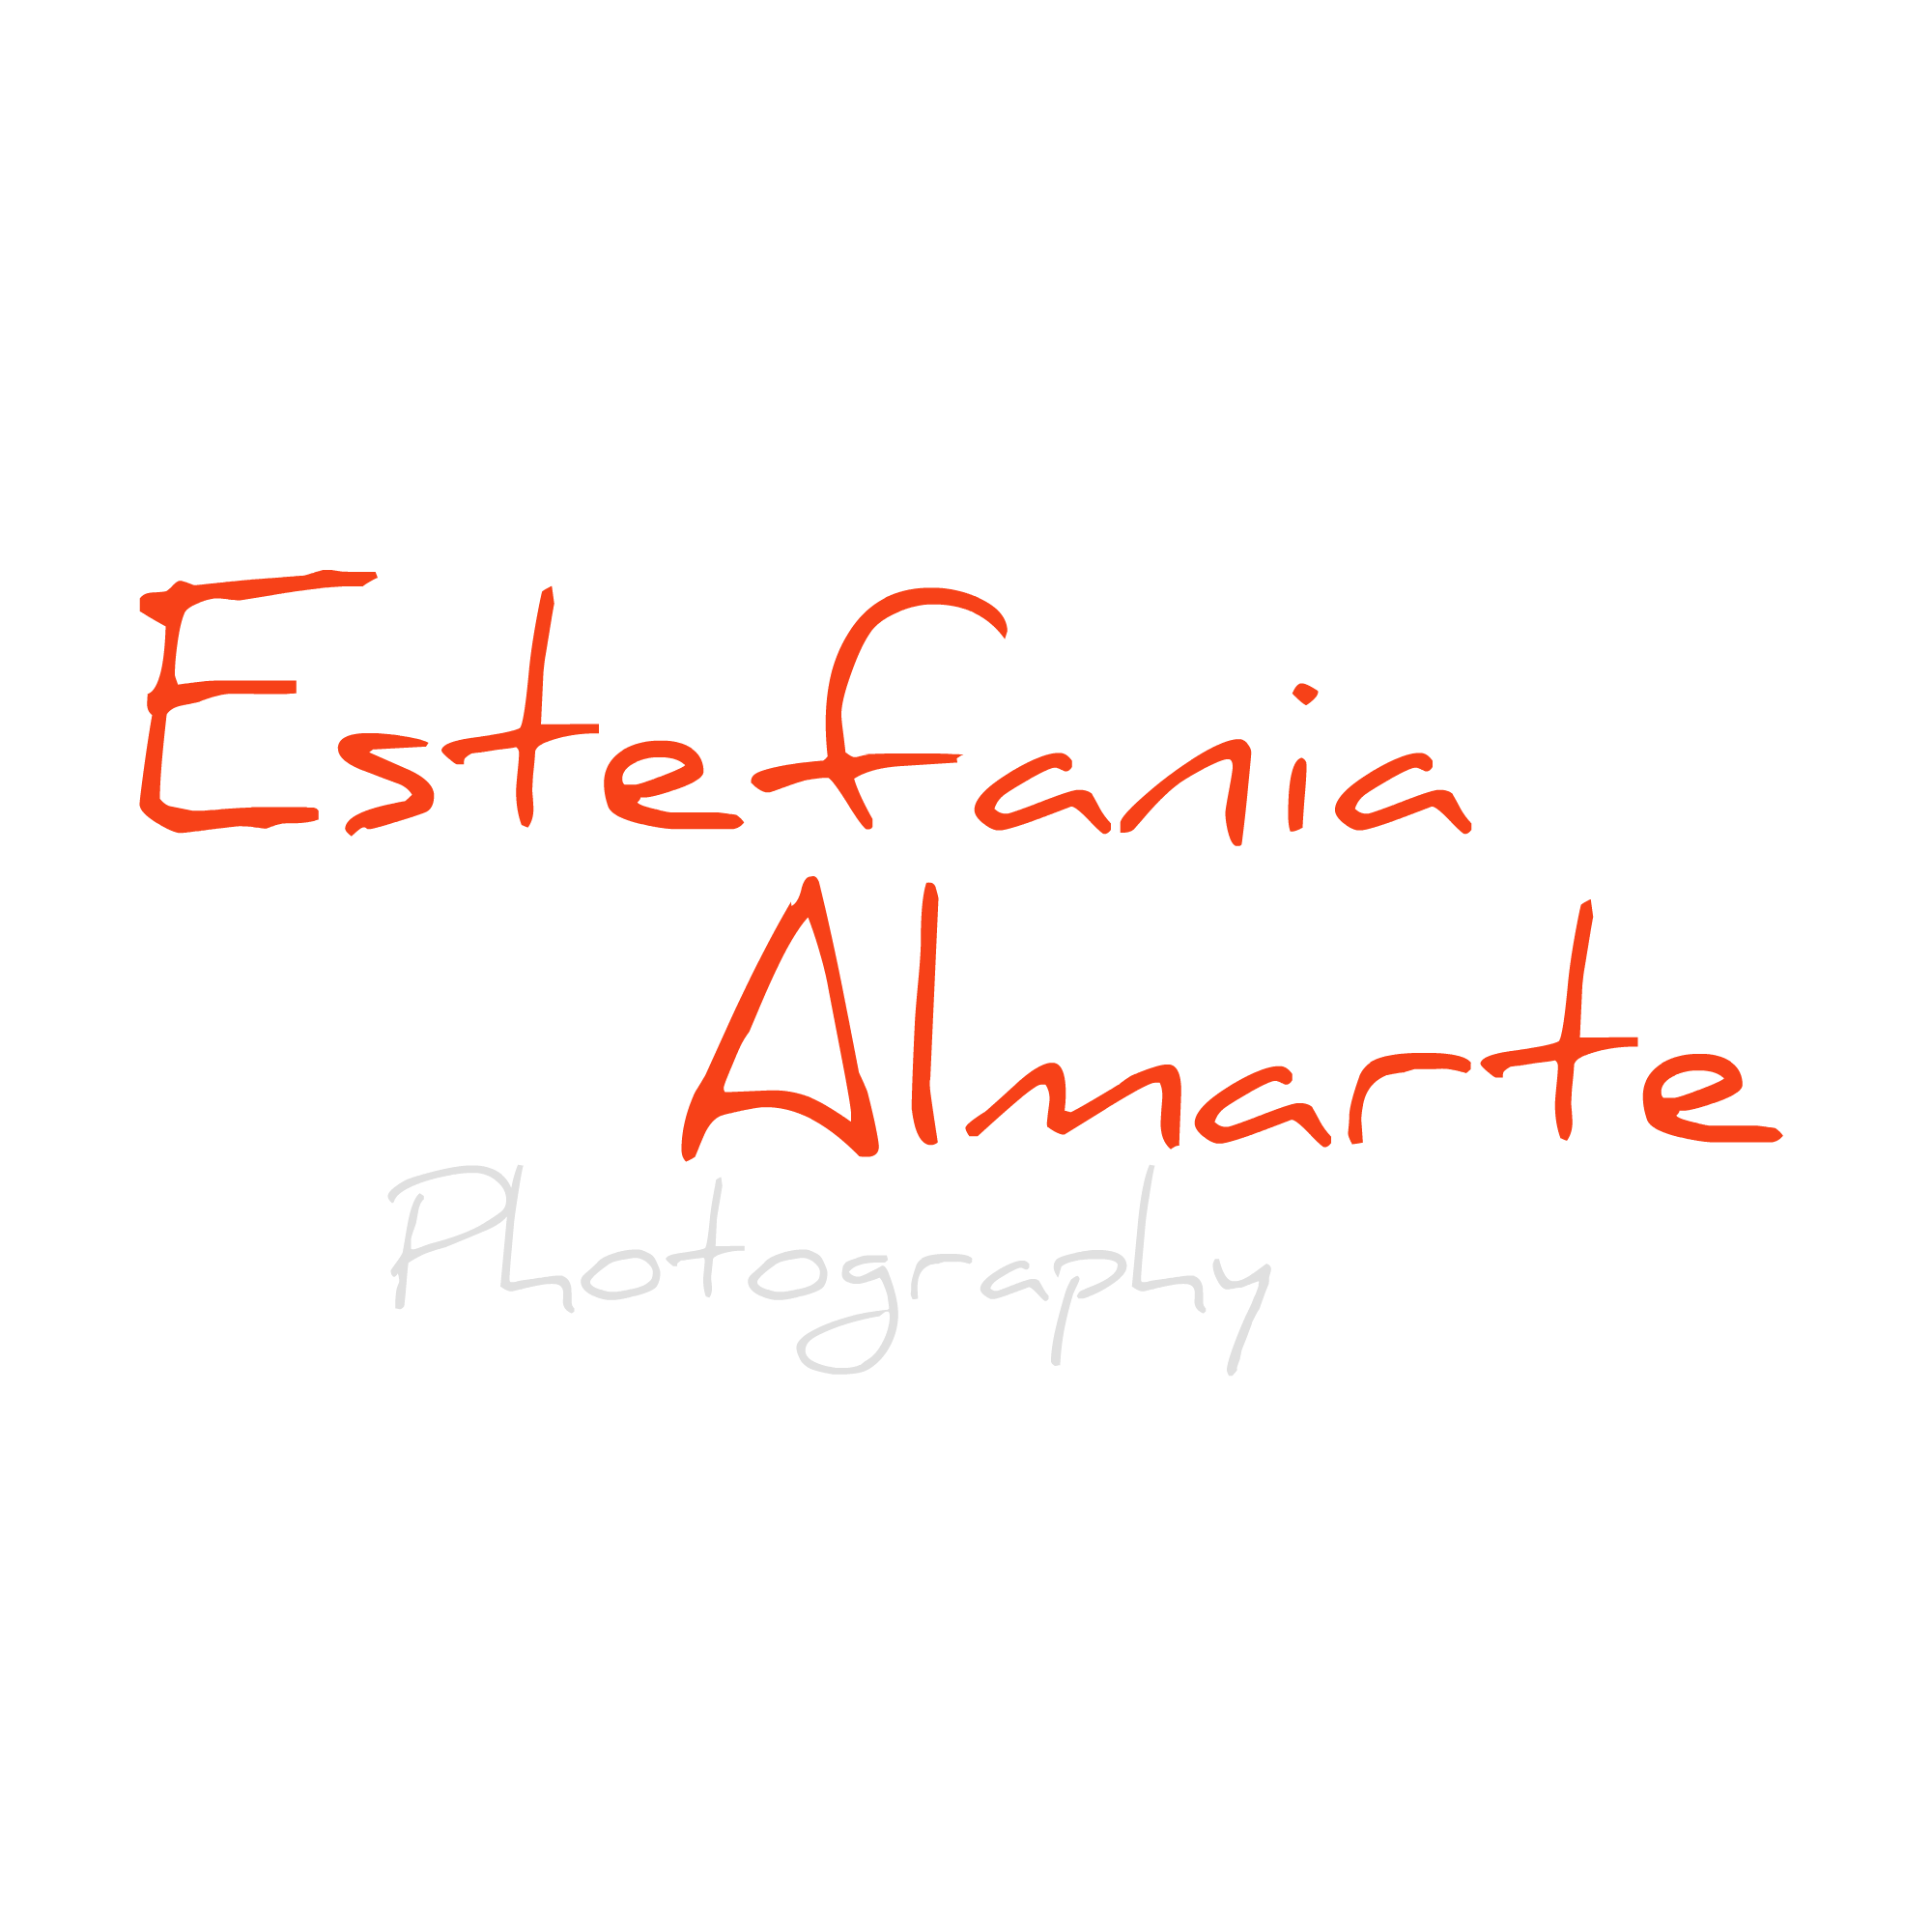 Estefania Almarte